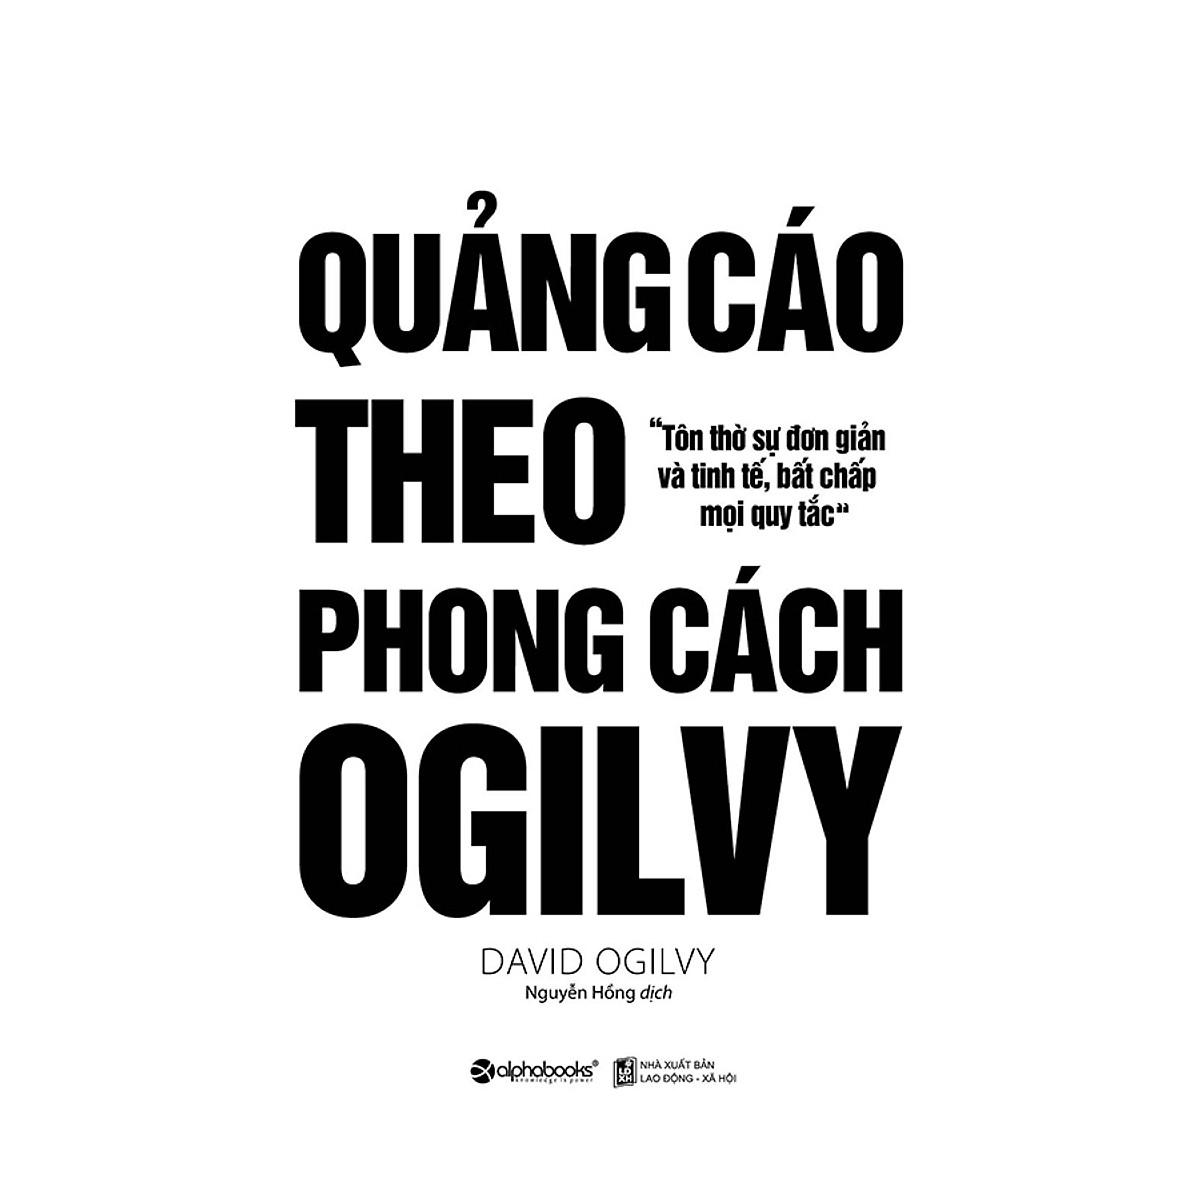 Quảng cáo theo phong cách Ogylvy - Sách hay marketing